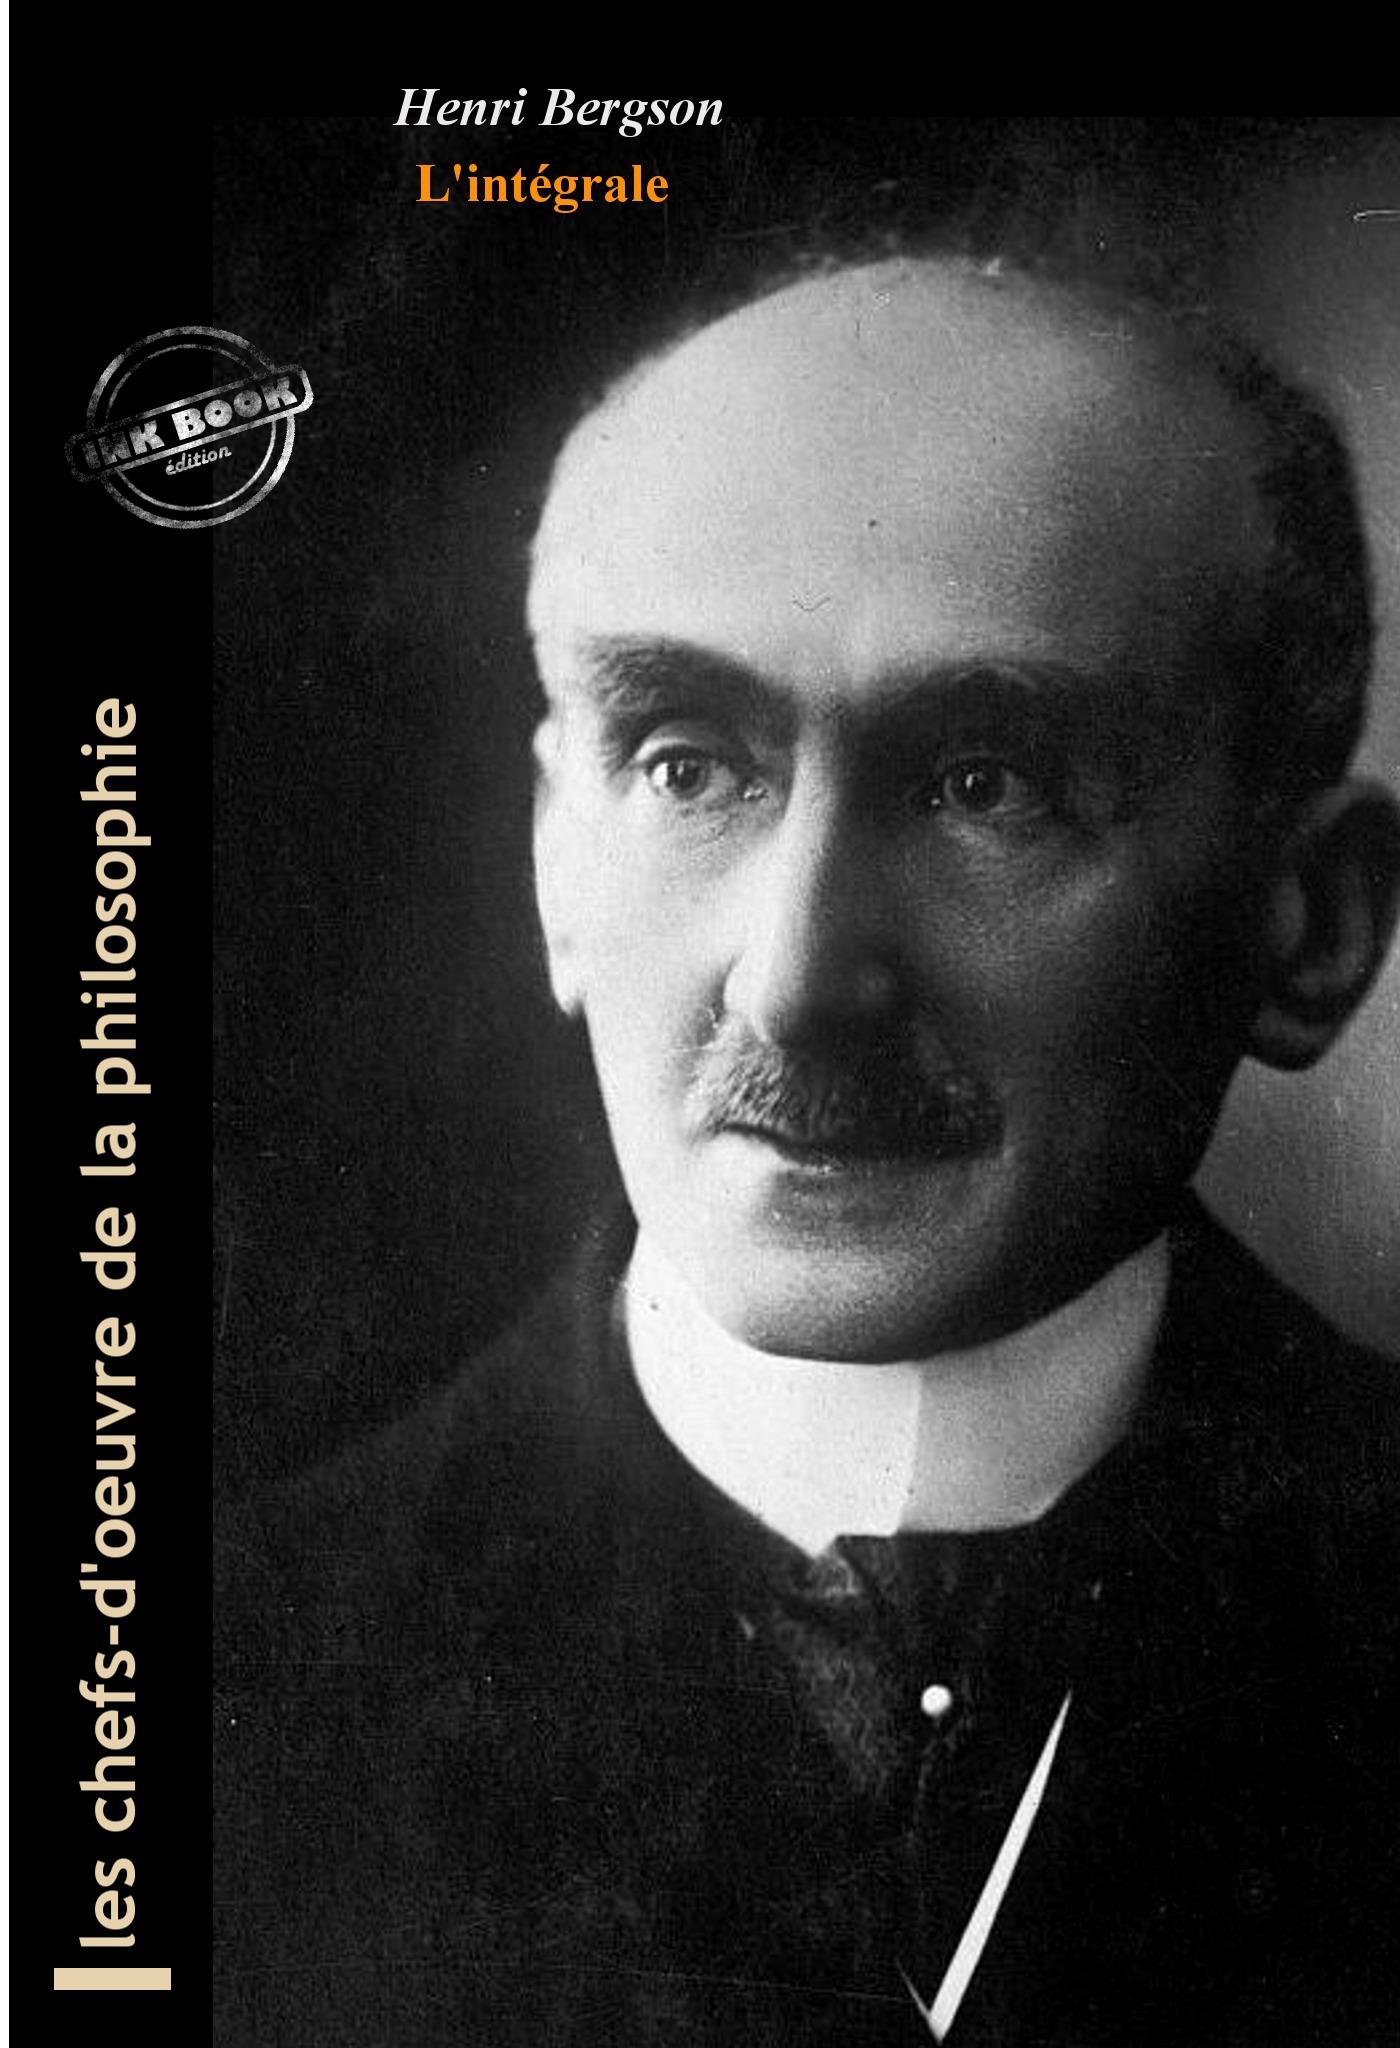 Henri Bergson l'intégrale : OEuvres complètes, 14 titres et annexes enrichies (Format professionnel électronique © Ink Book édition).